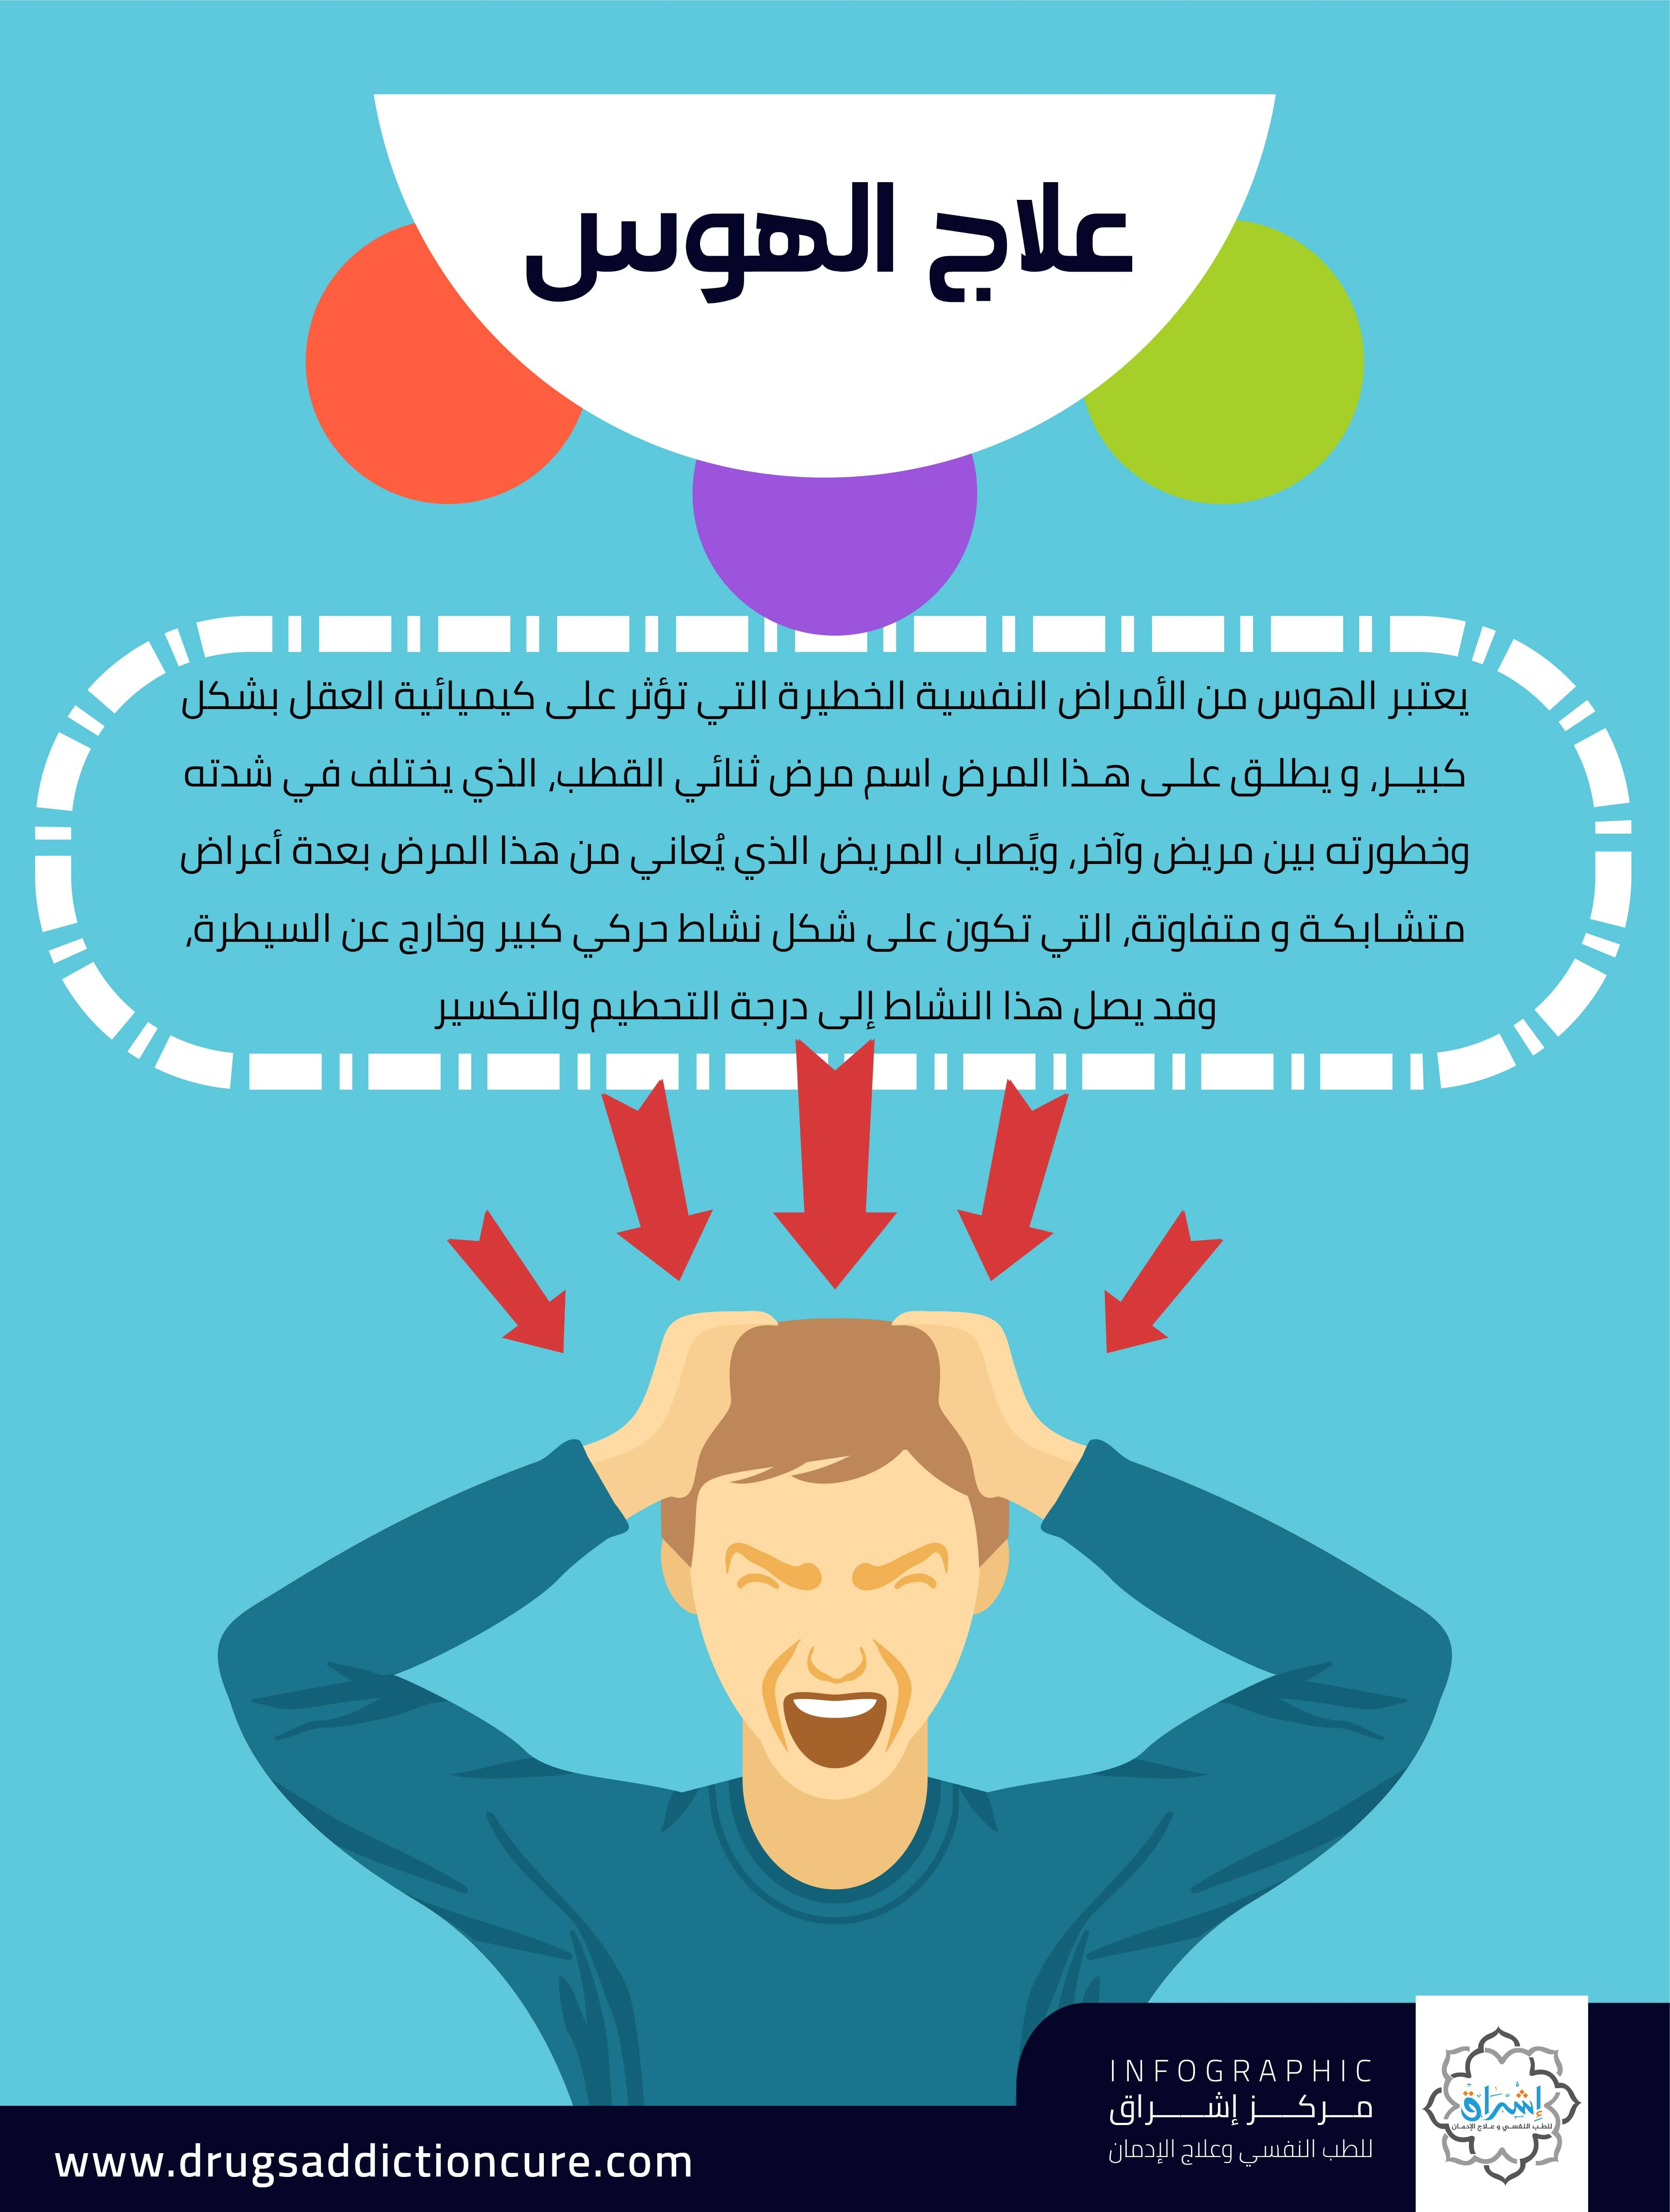 Pin By مركز مسار On مركز مسار للطب النفسي وعلاج الادمان Psychiatry Movie Posters Jig